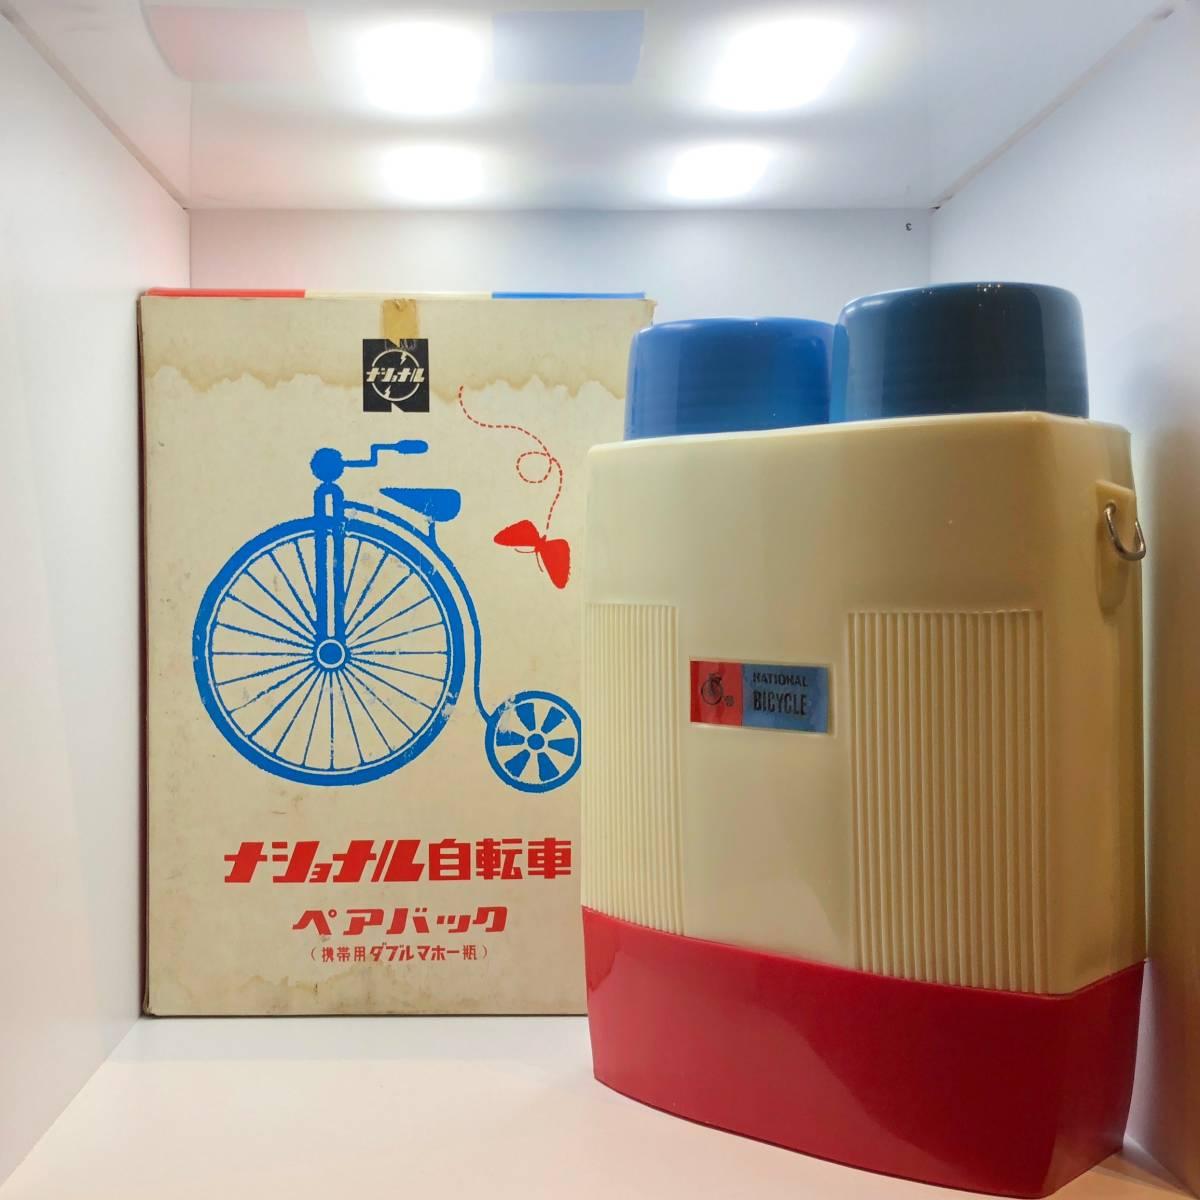 ナショナル自転車 ノベルティ ダブル水筒 昭和レトロ 未使用品 送料無料